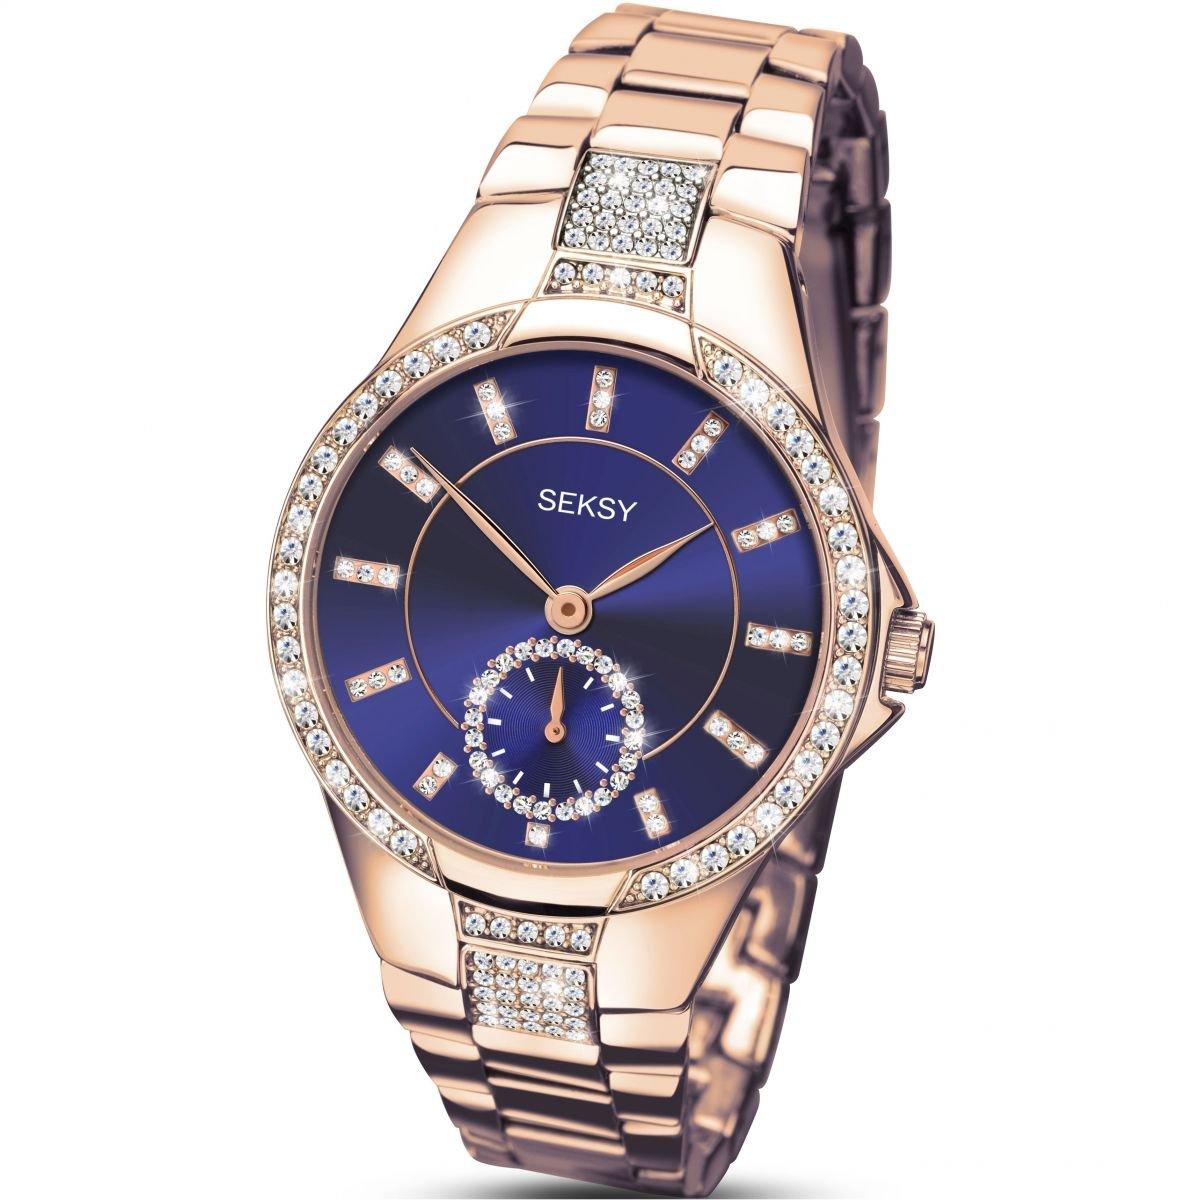 Reloj 2183.37 - Reloj de Cuarzo para Mujeres, Color Azul: Amazon.es: Relojes